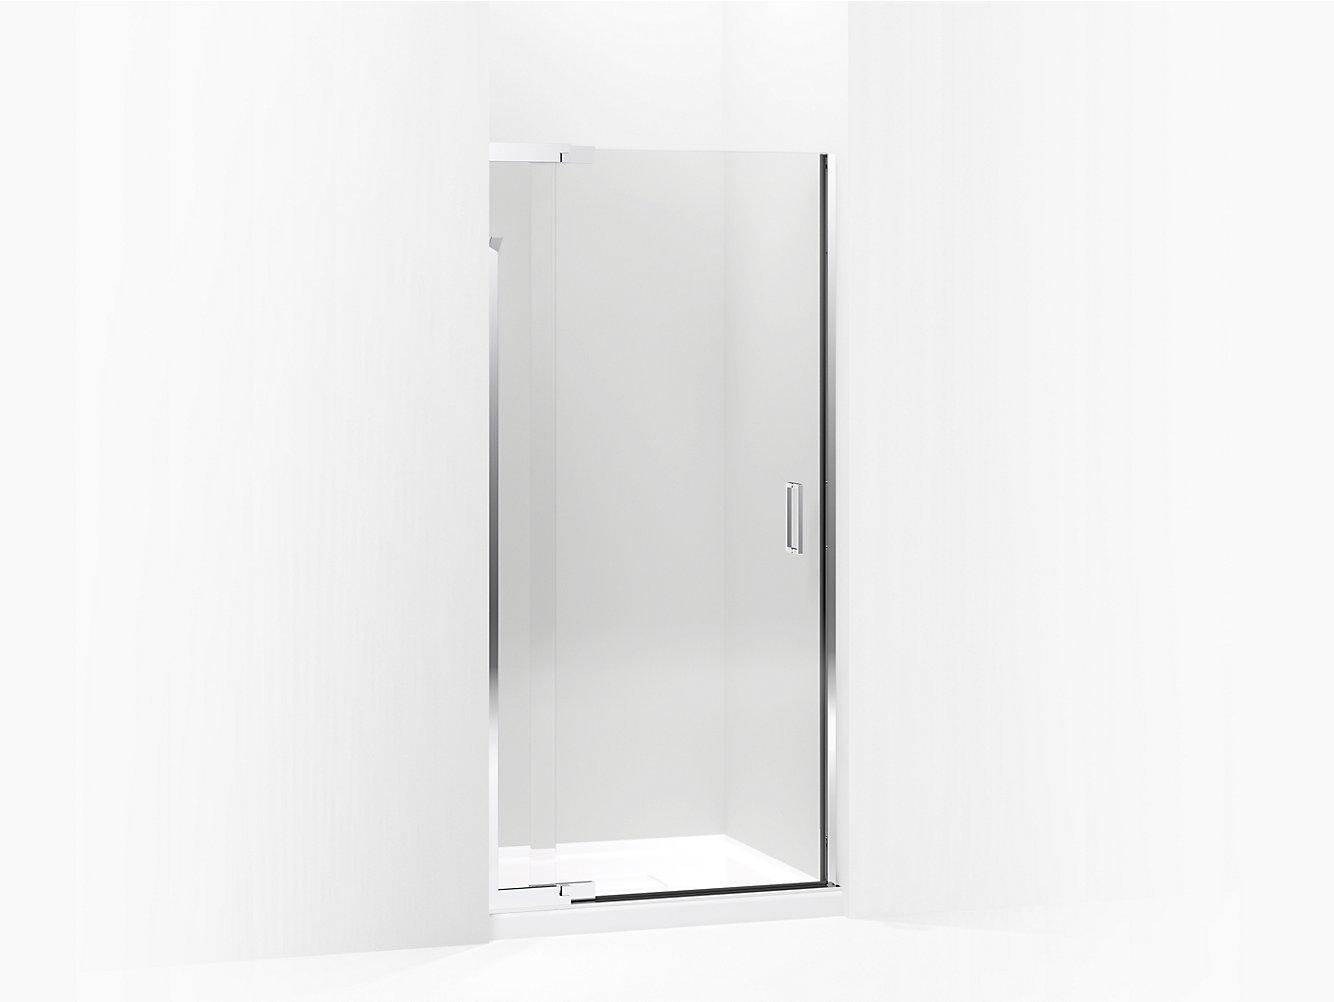 Purist Frameless Pivot Shower Door Crystal Clear Glass K 702011 L